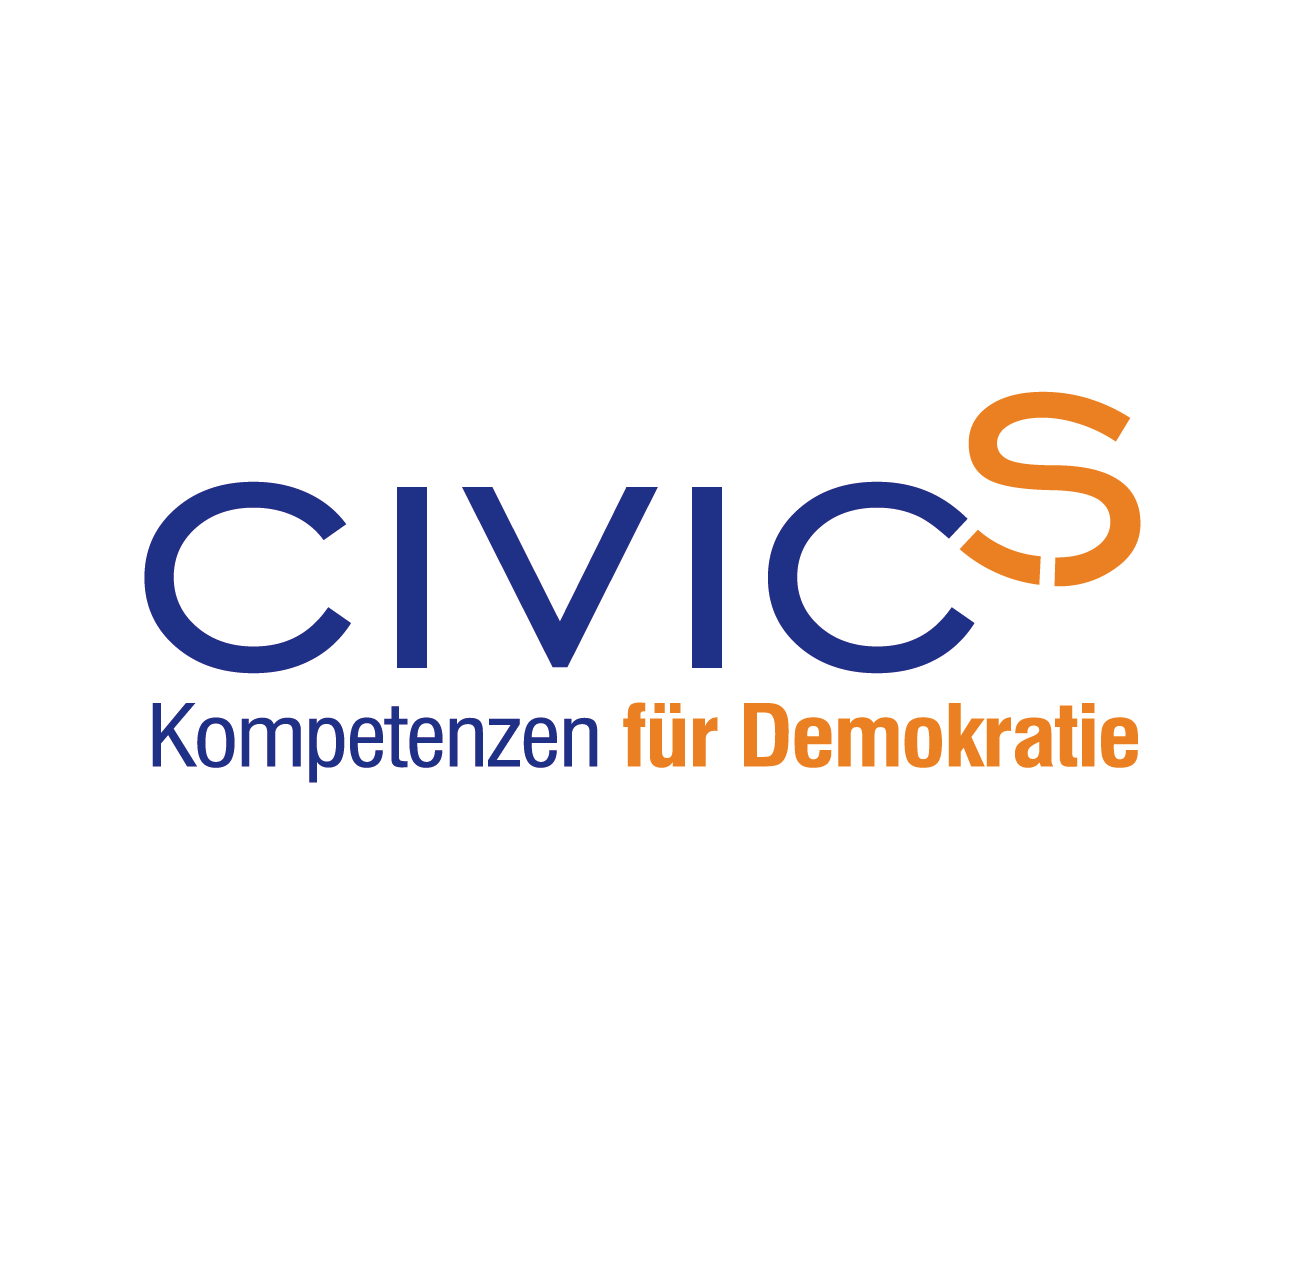 civicslogo